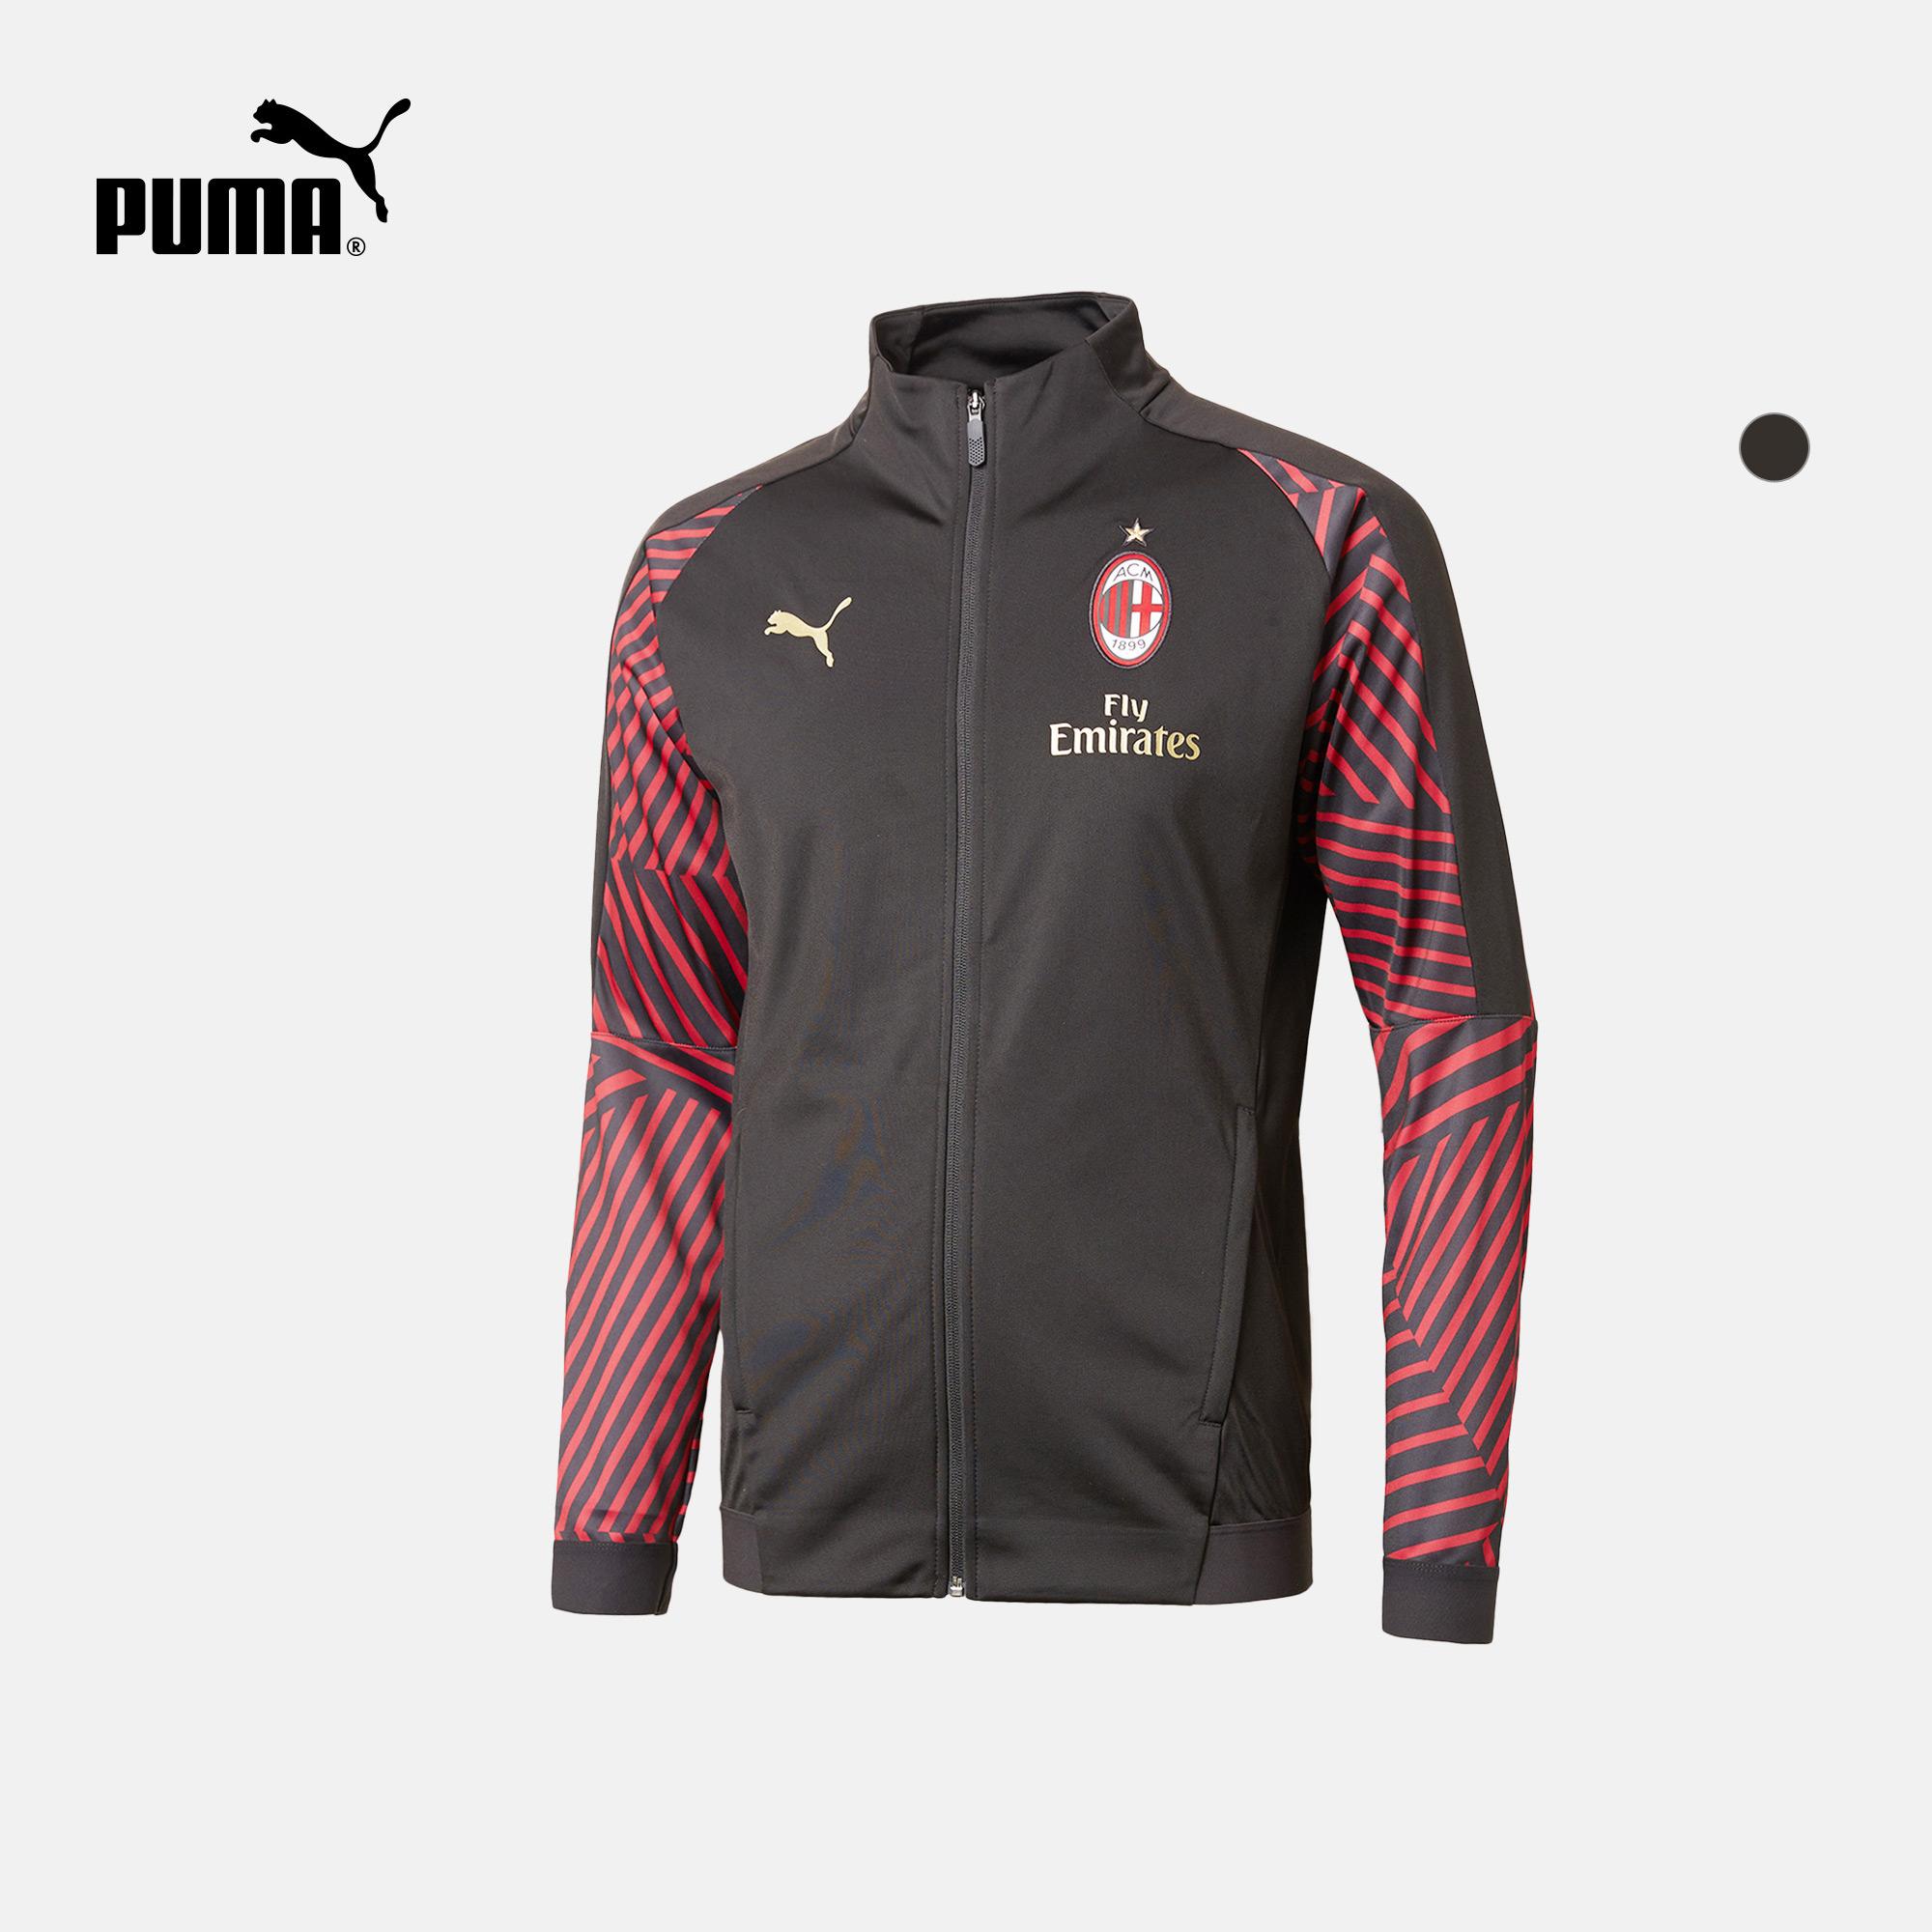 PUMA彪马官方 米兰男子外套 AC Milan STADIUM 754453